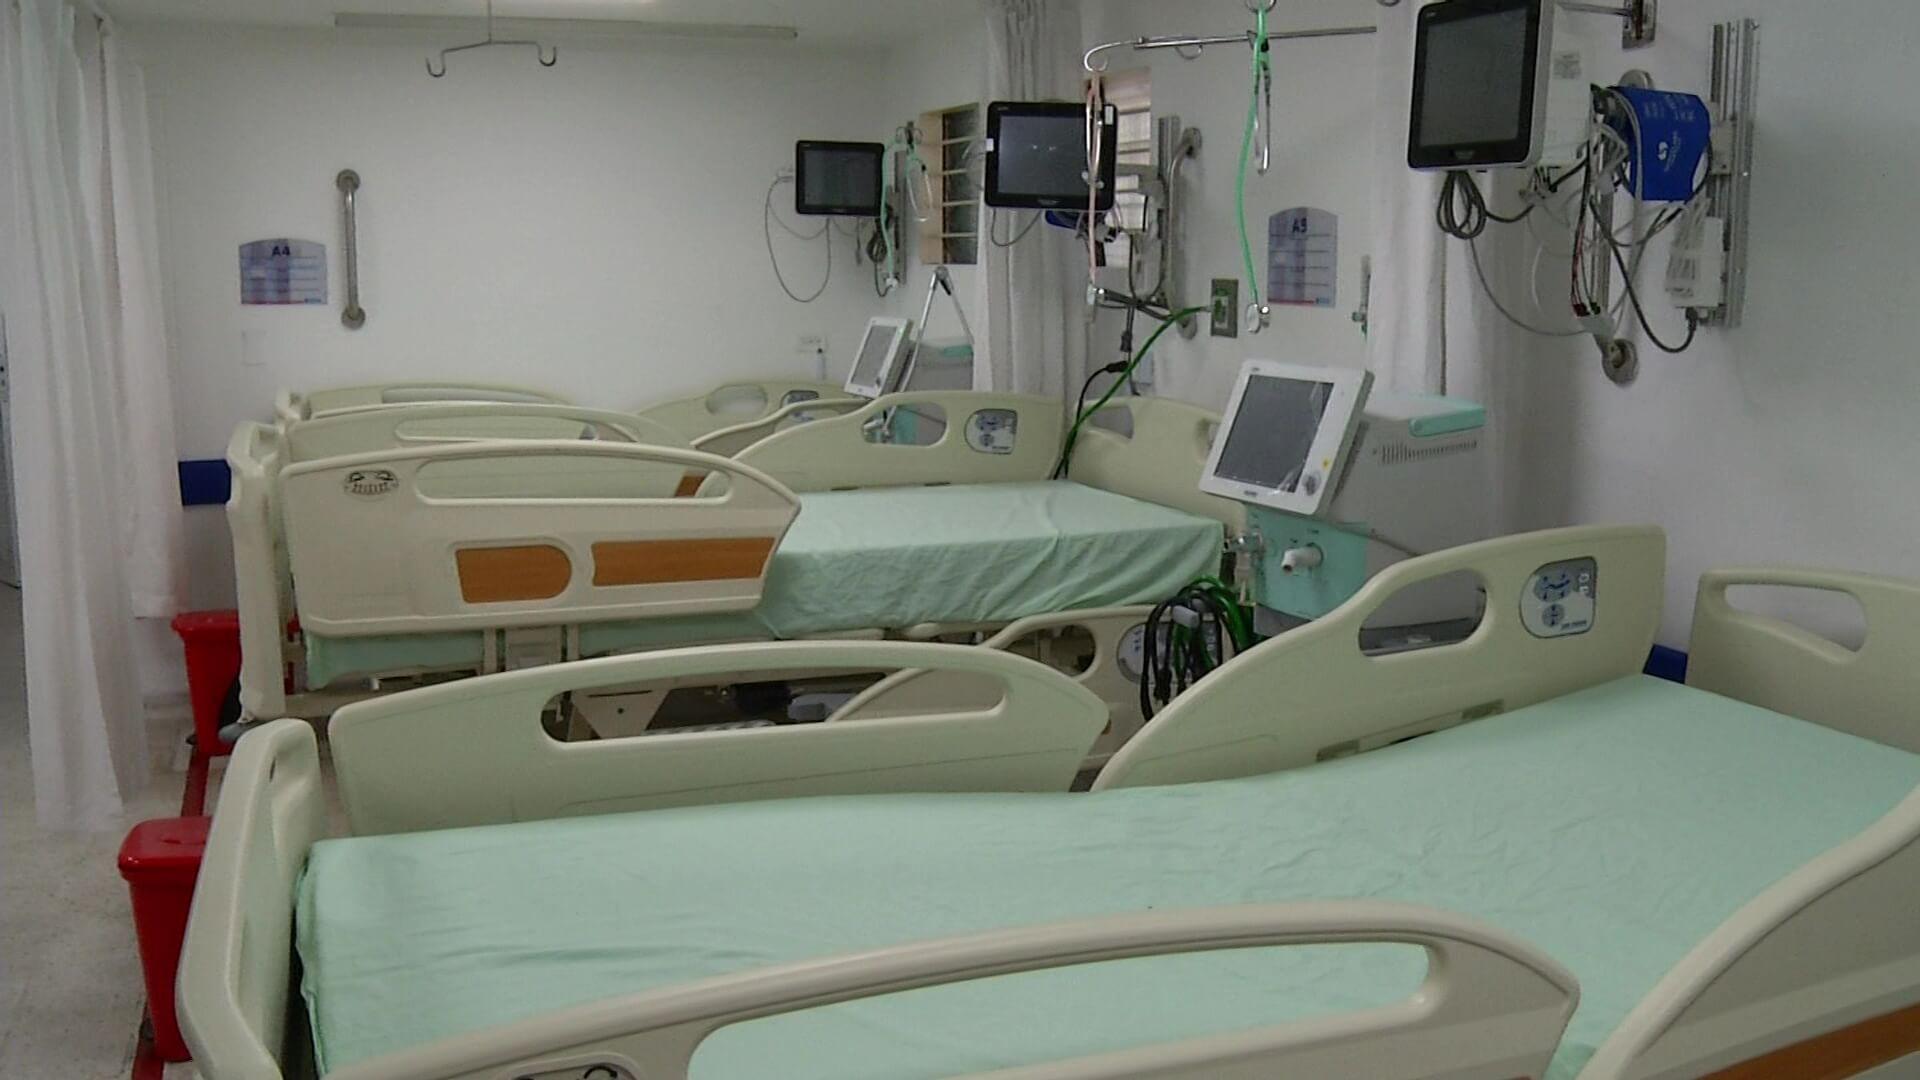 Amplían camas, pero pacientes siguen a la espera de UCI